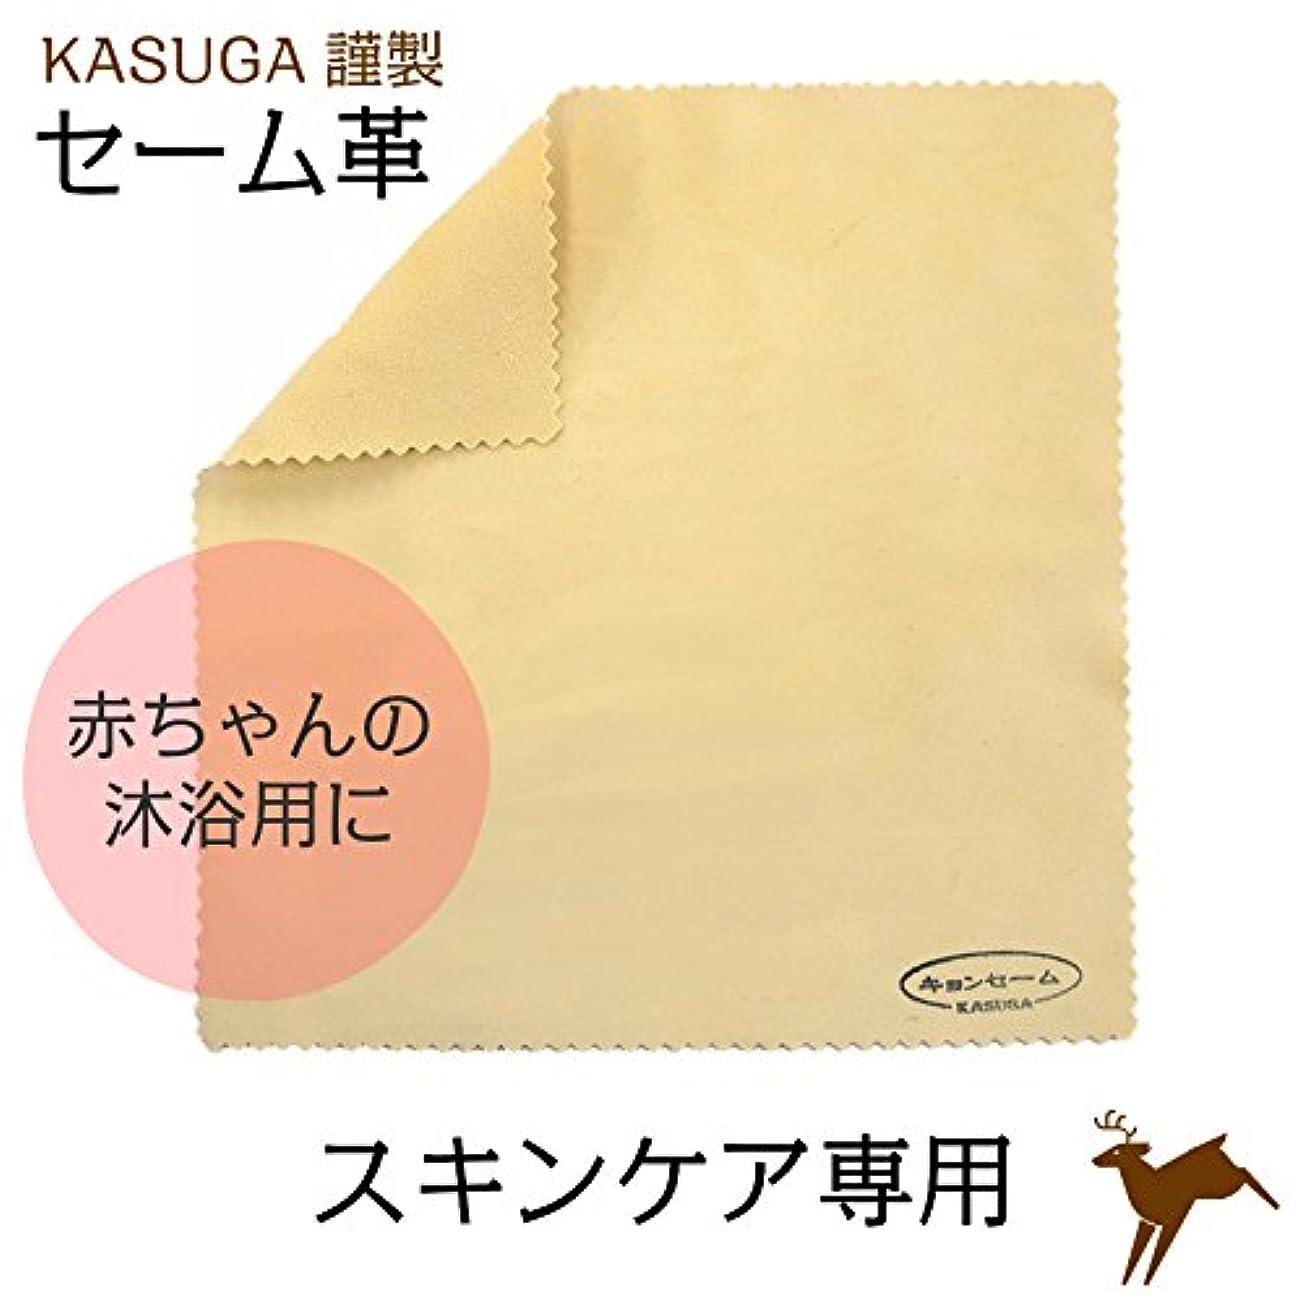 悪質な予測する太陽春日カスガ謹製 スキンケア専用キョンセーム革 20cm×20cm